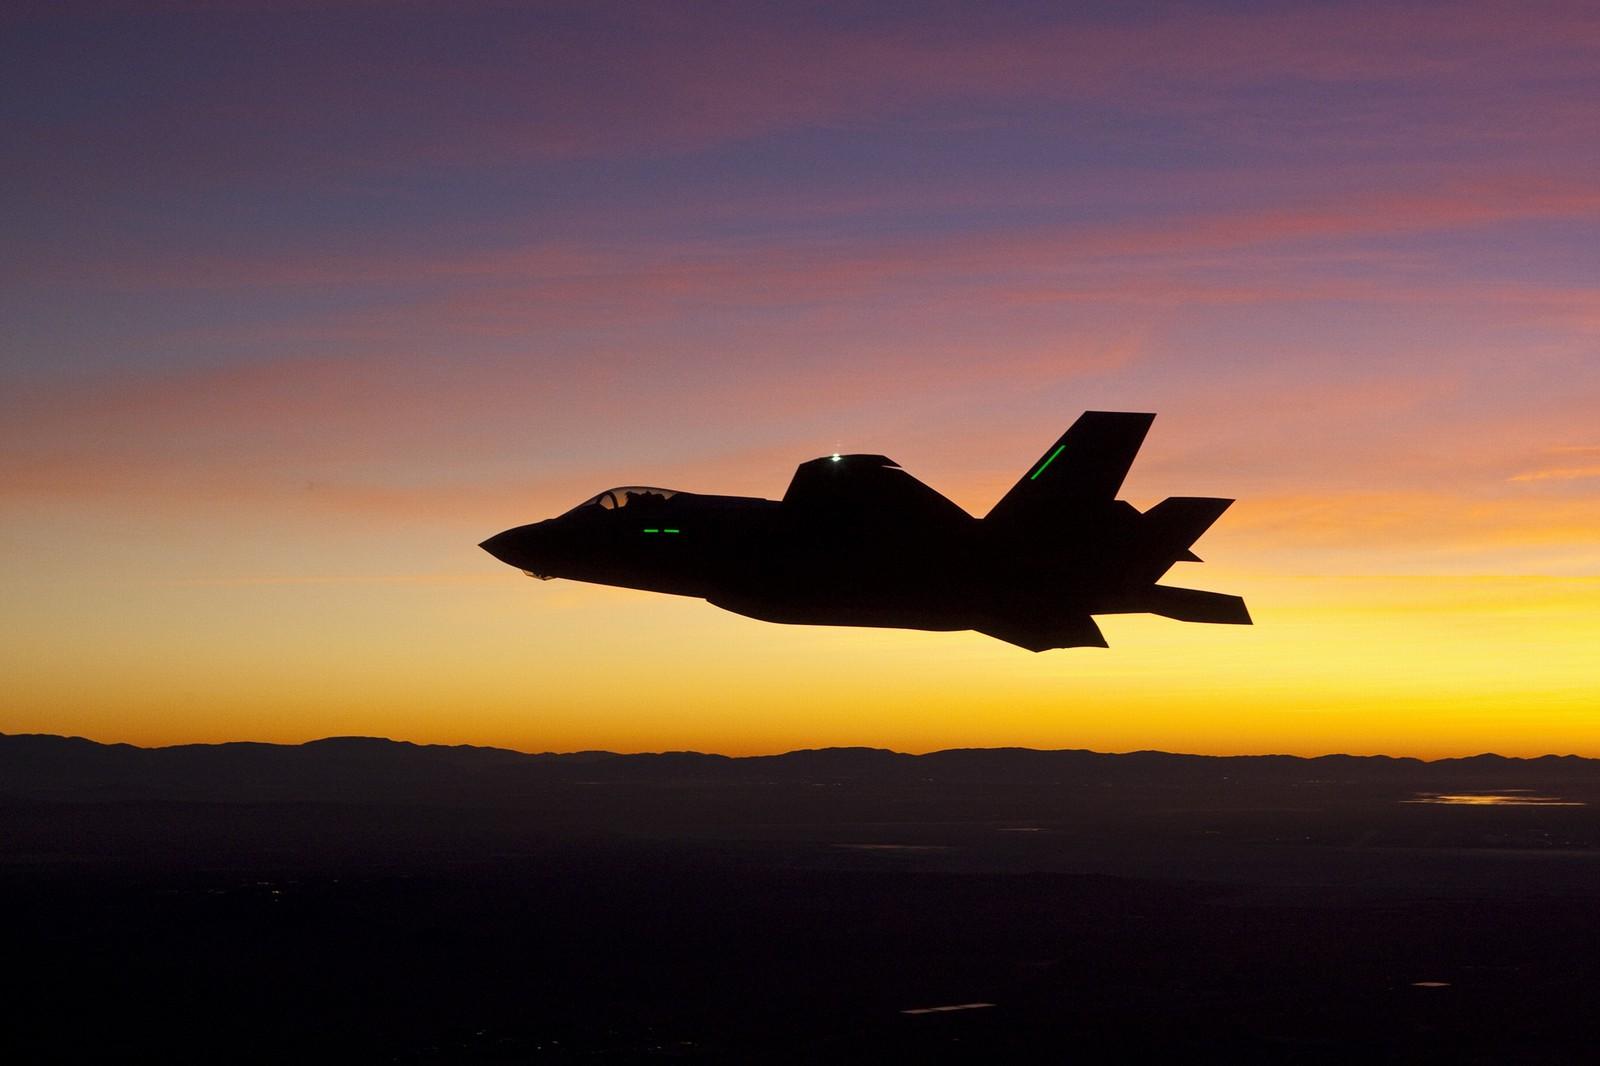 캐나다의 F-35 지지자들이 경쟁입찰에 반대하는 ..